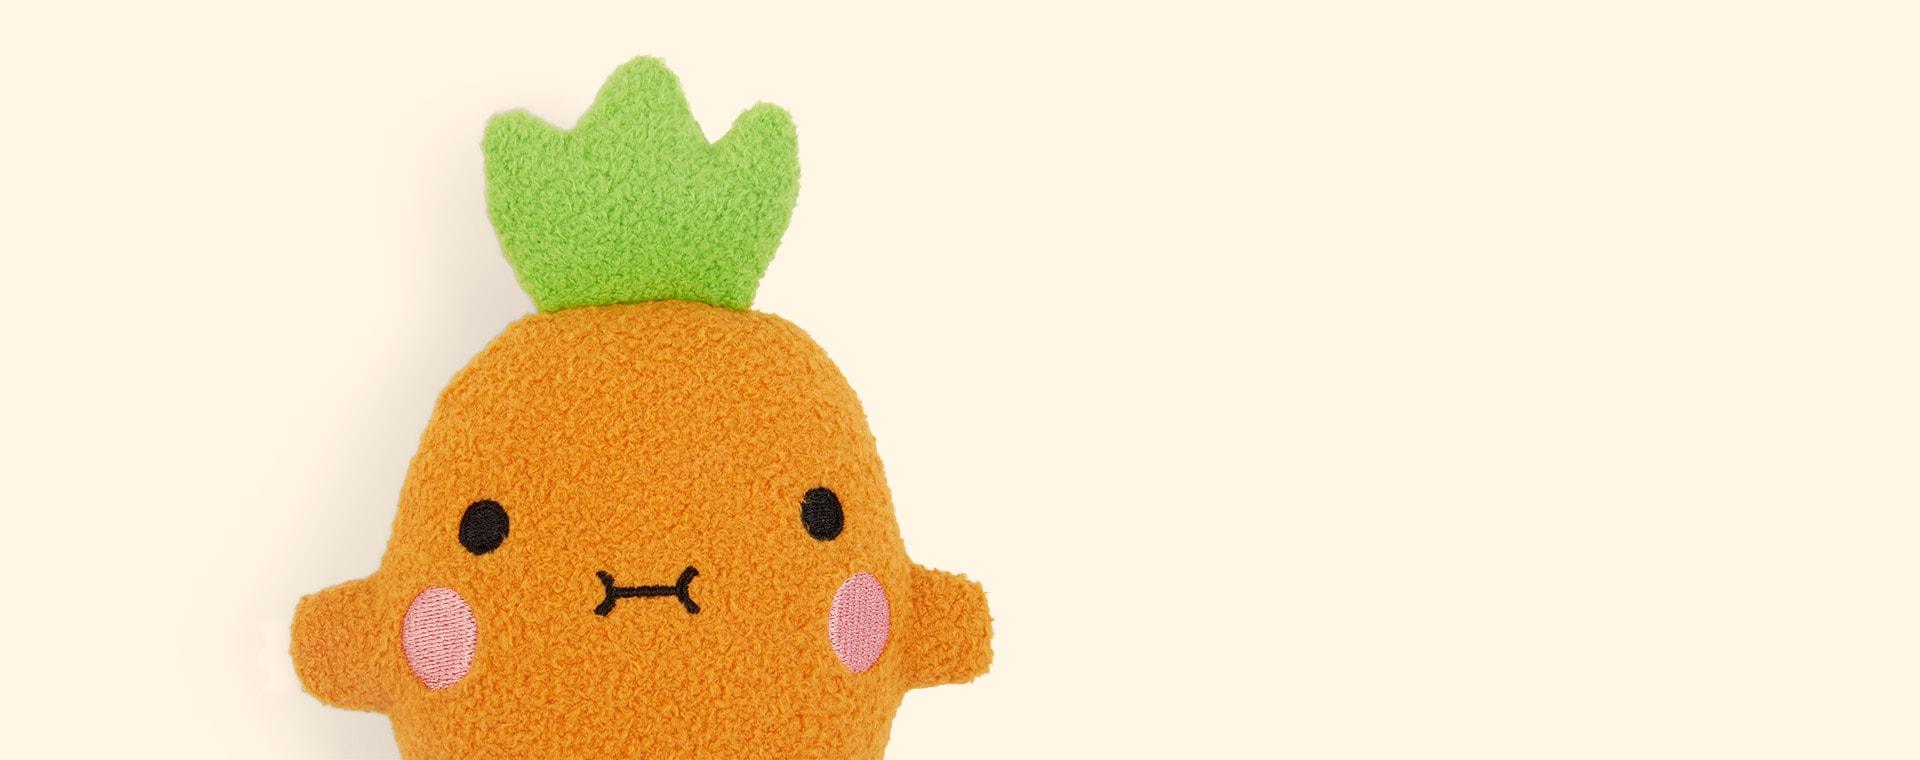 Orange Noodoll Ricecrunch Soft Toy